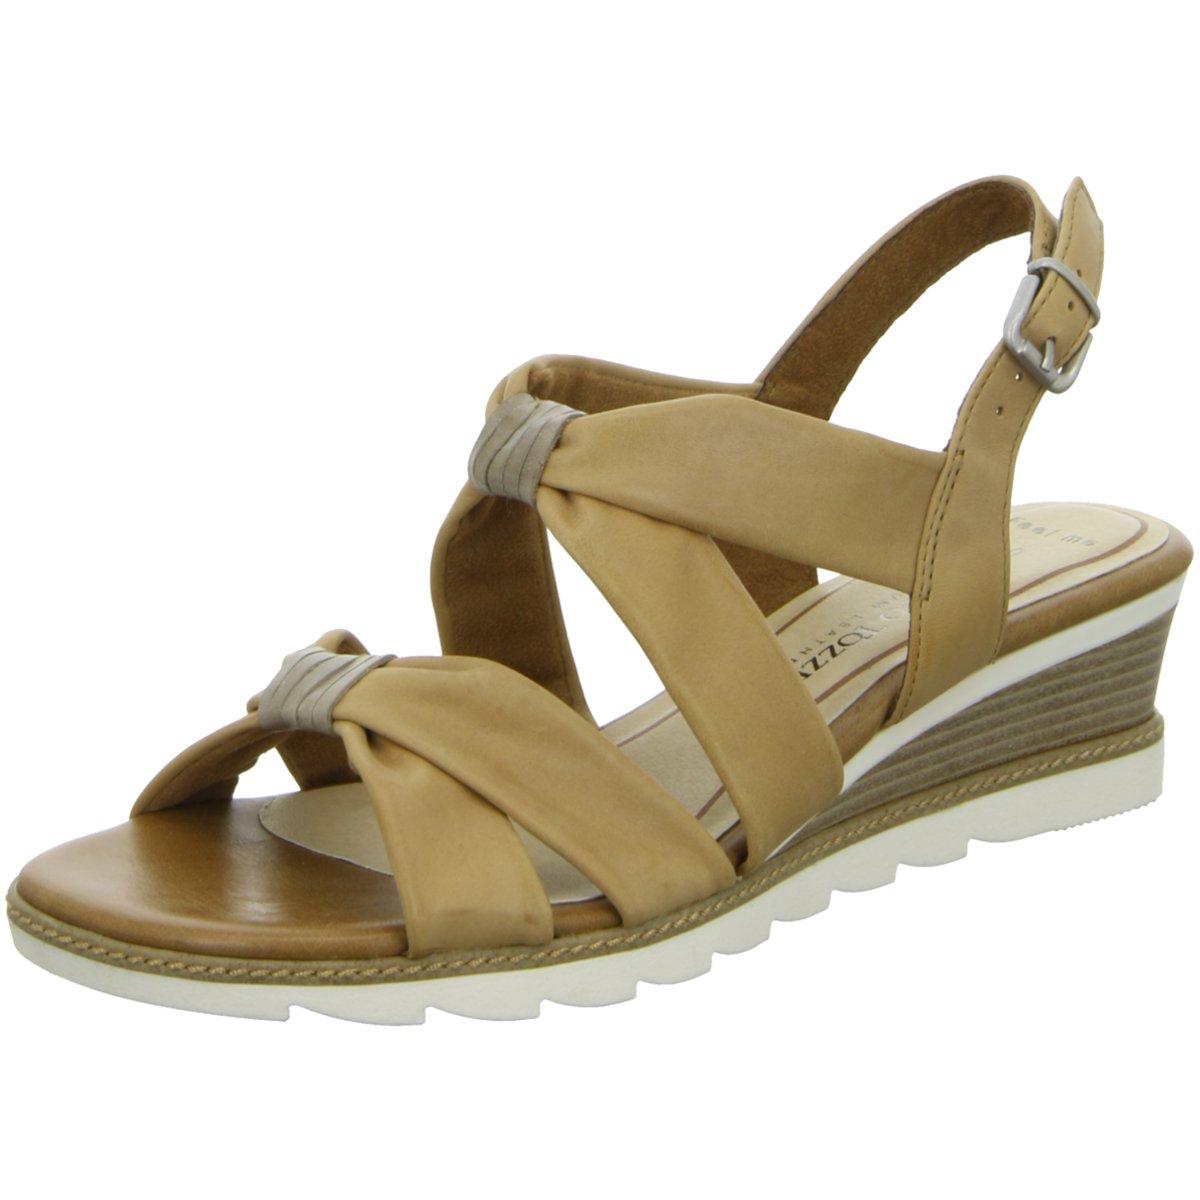 Marco Tozzi Damen Sandaletten Sandalette eleganter Boden 2-28717-26 421 braun